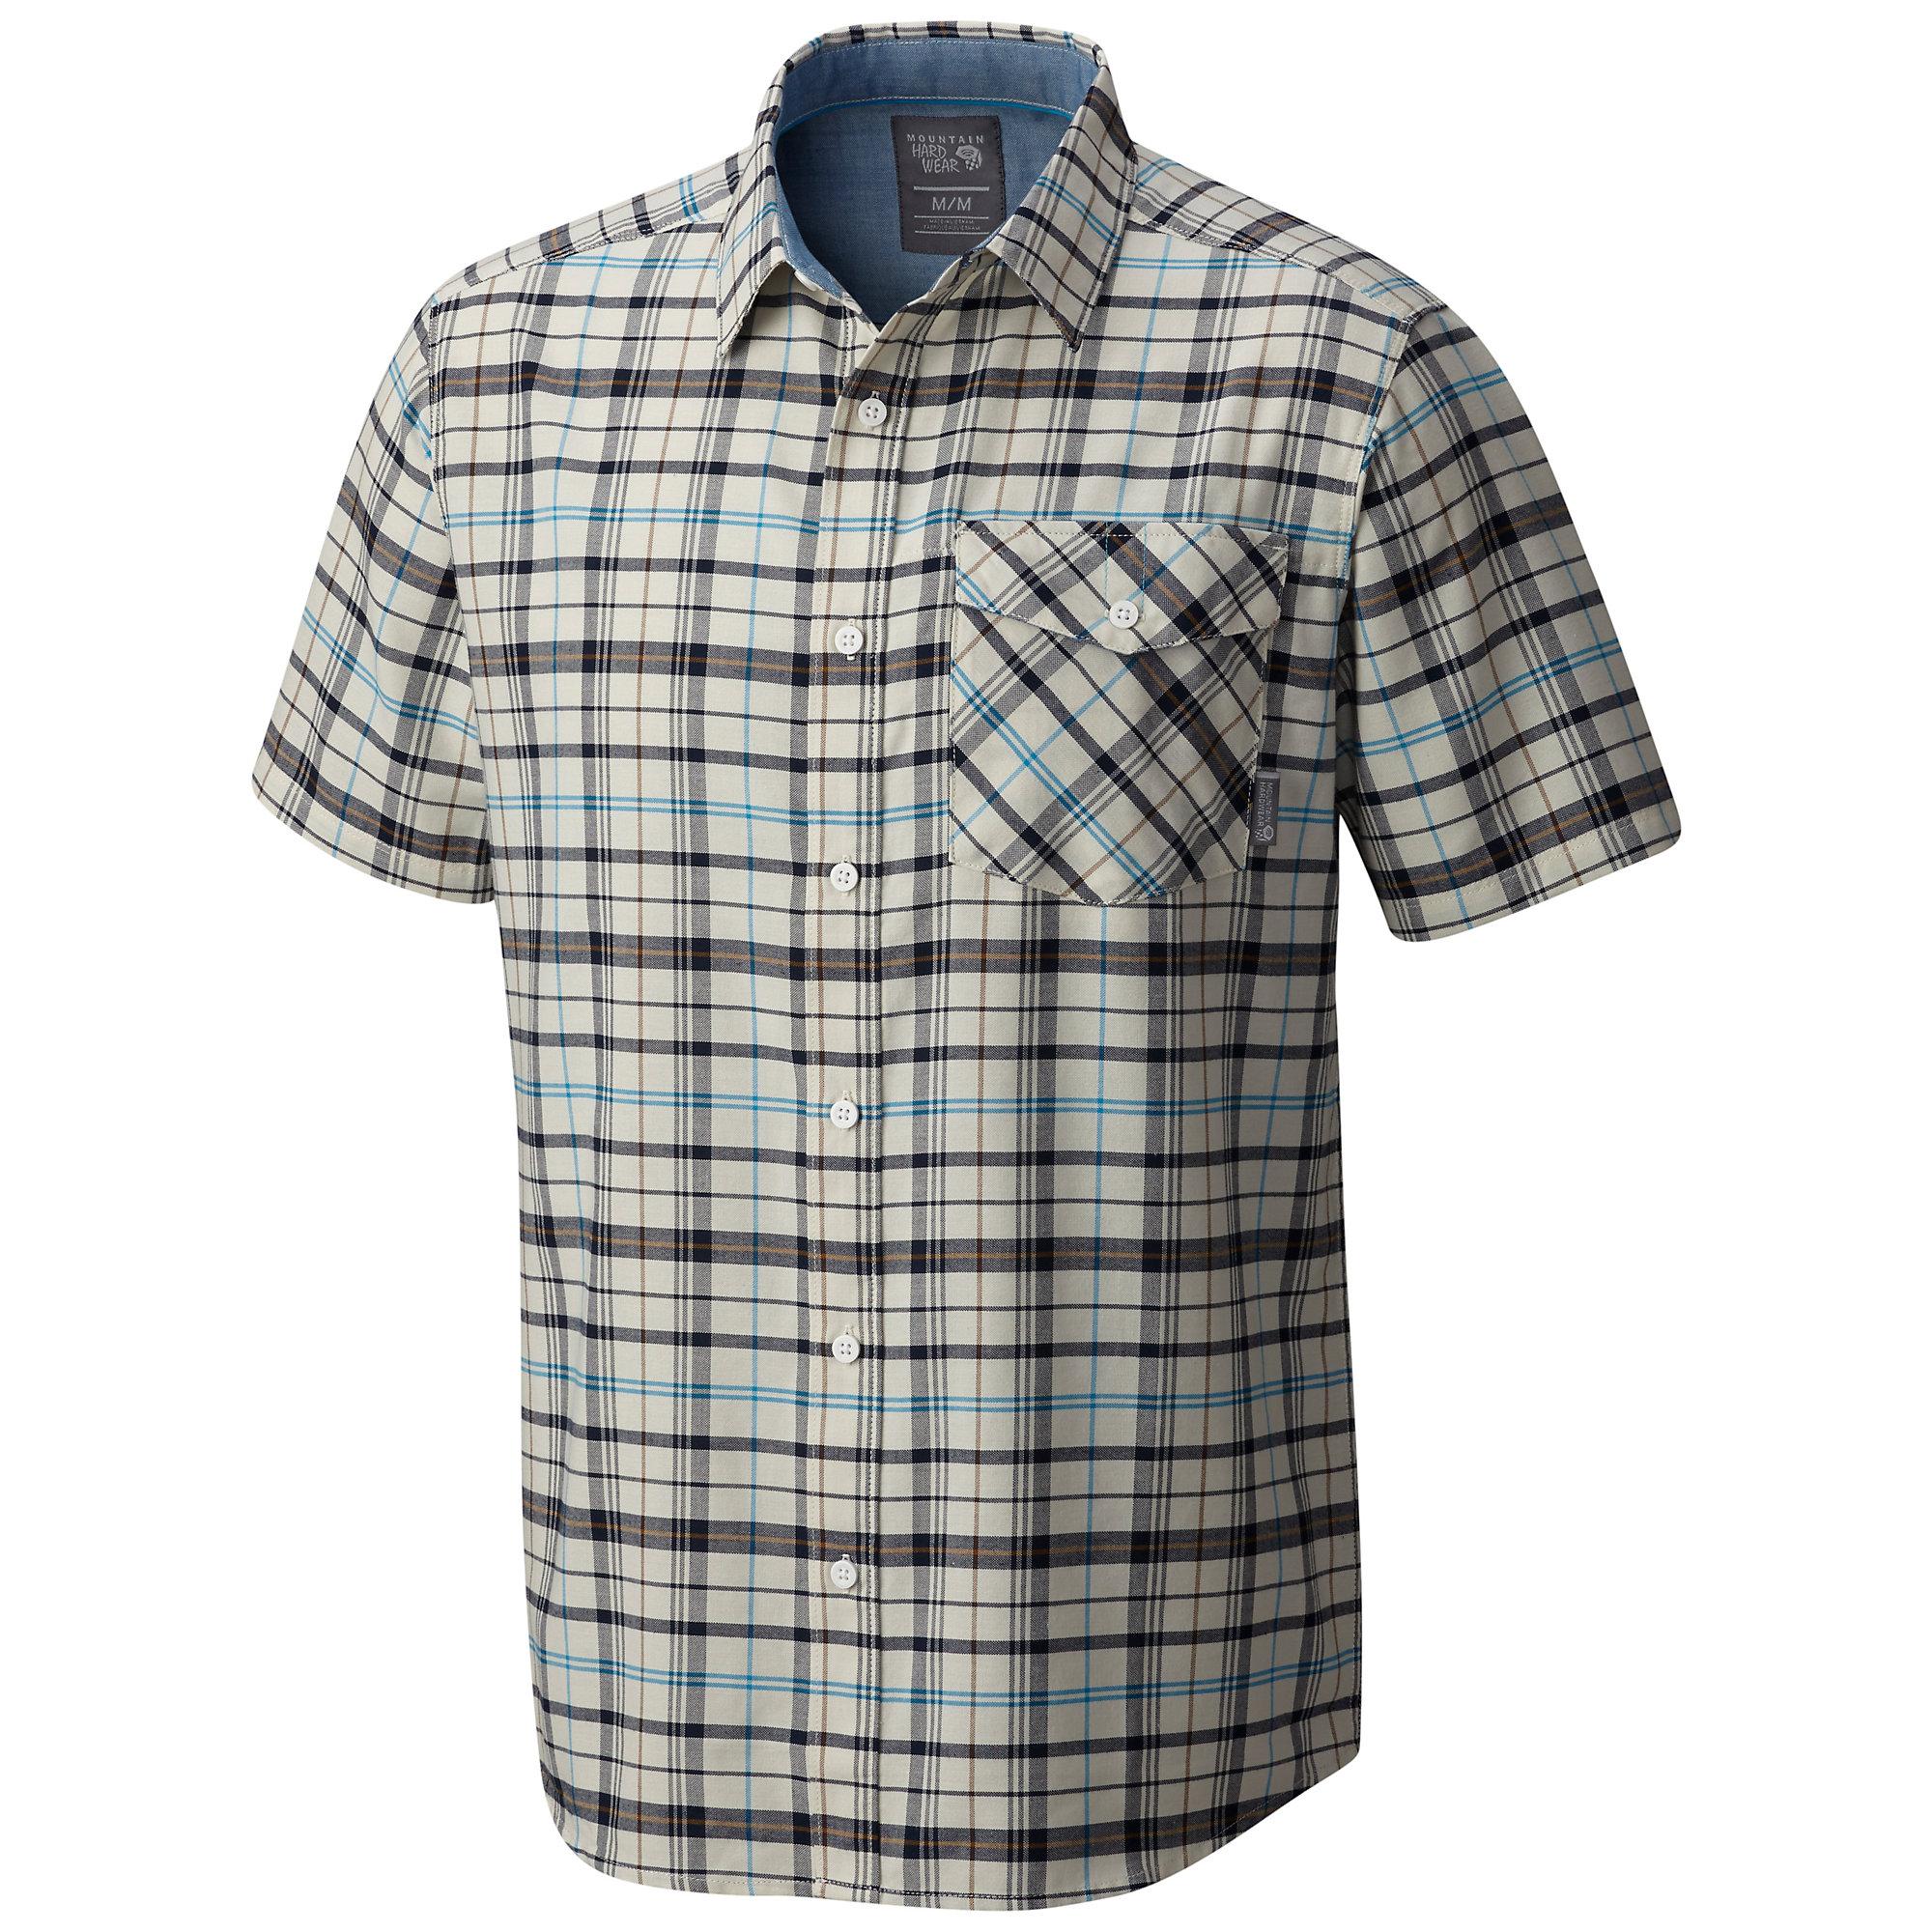 Mountain Hardwear Drummond Short Sleeve Shirt